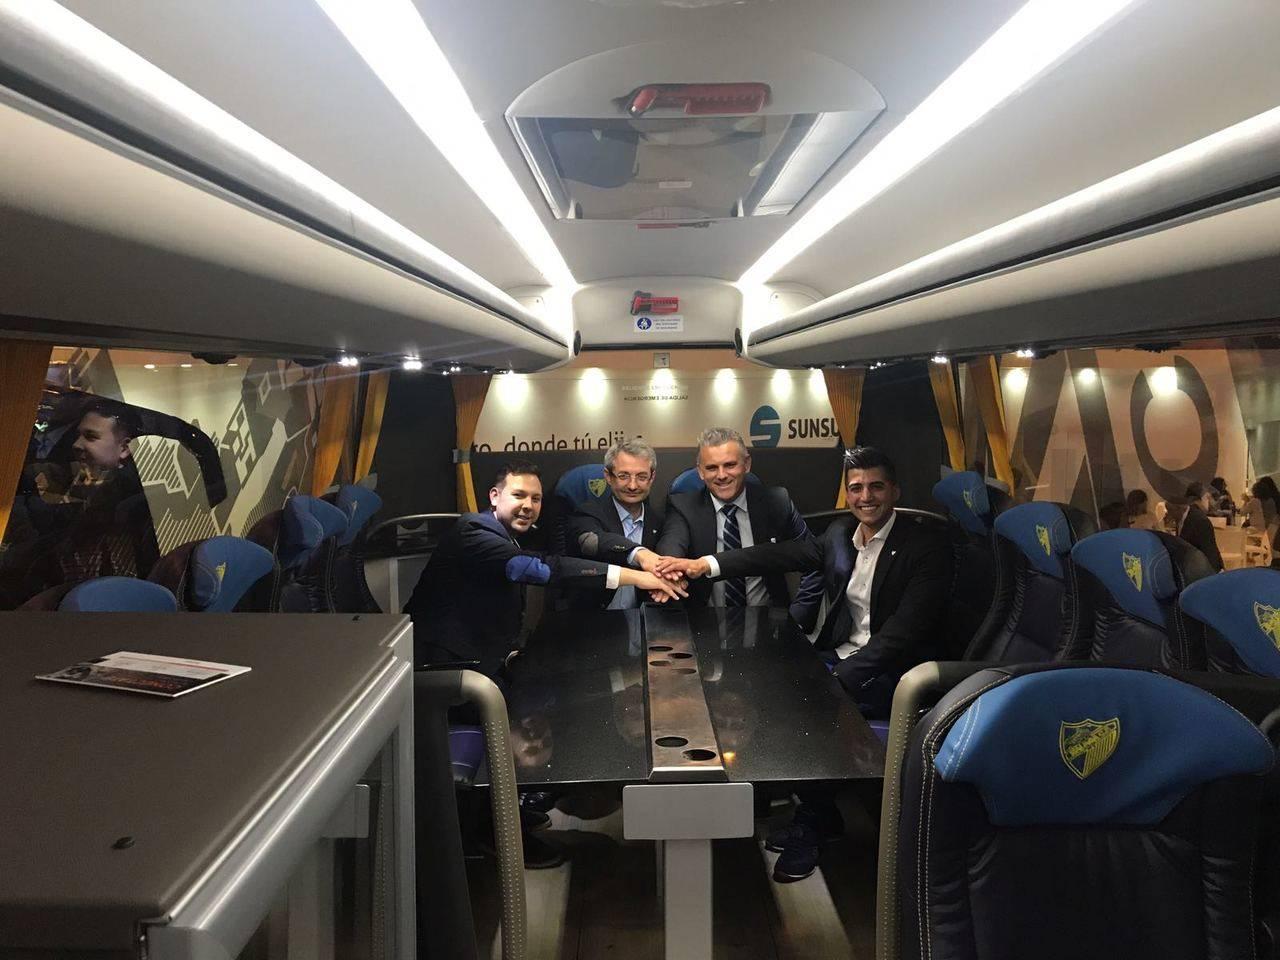 Presentación del nuevo autocar oficial del Málaga para la temporada 2017-18